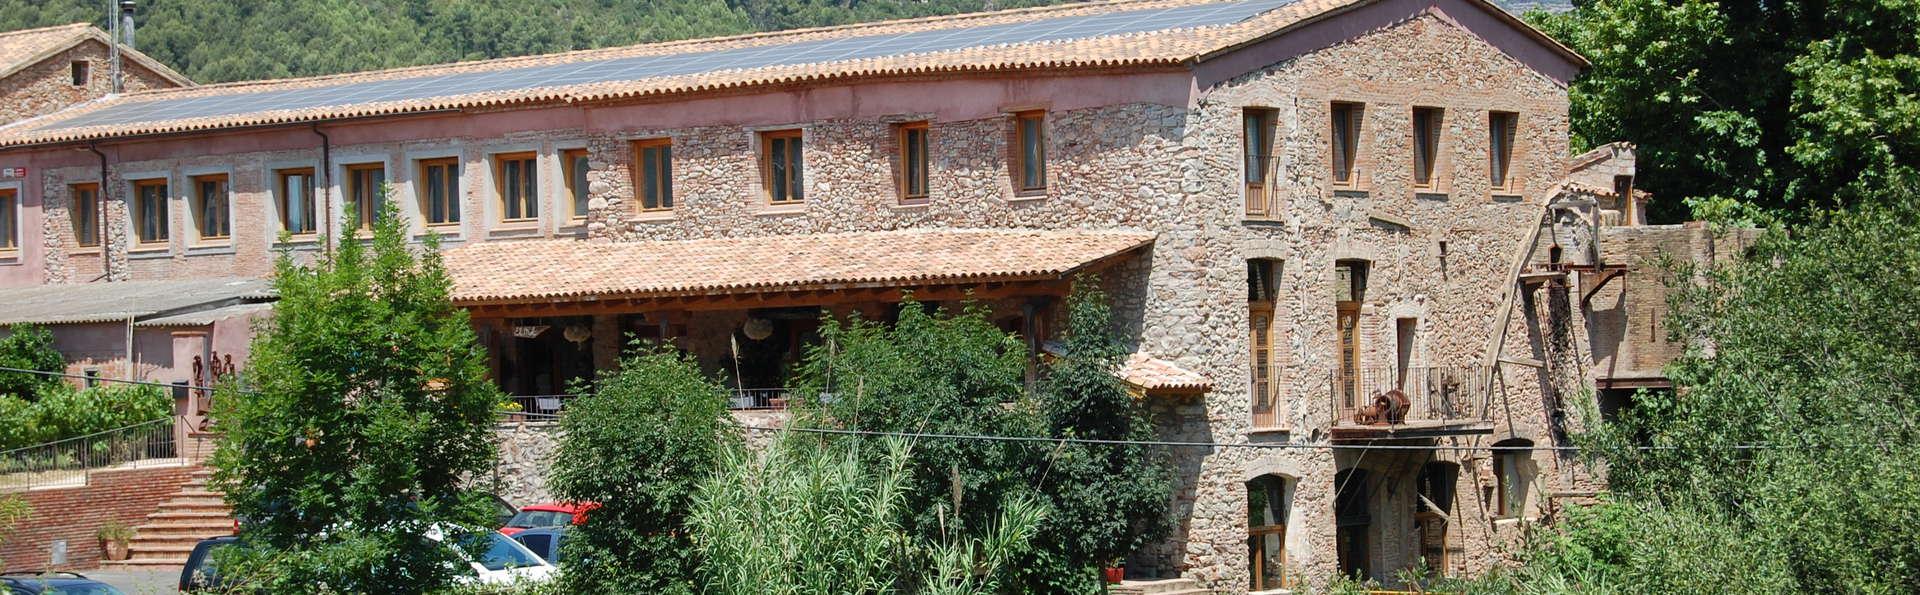 Hotel Molí de la Torre - Foto_2.jpg